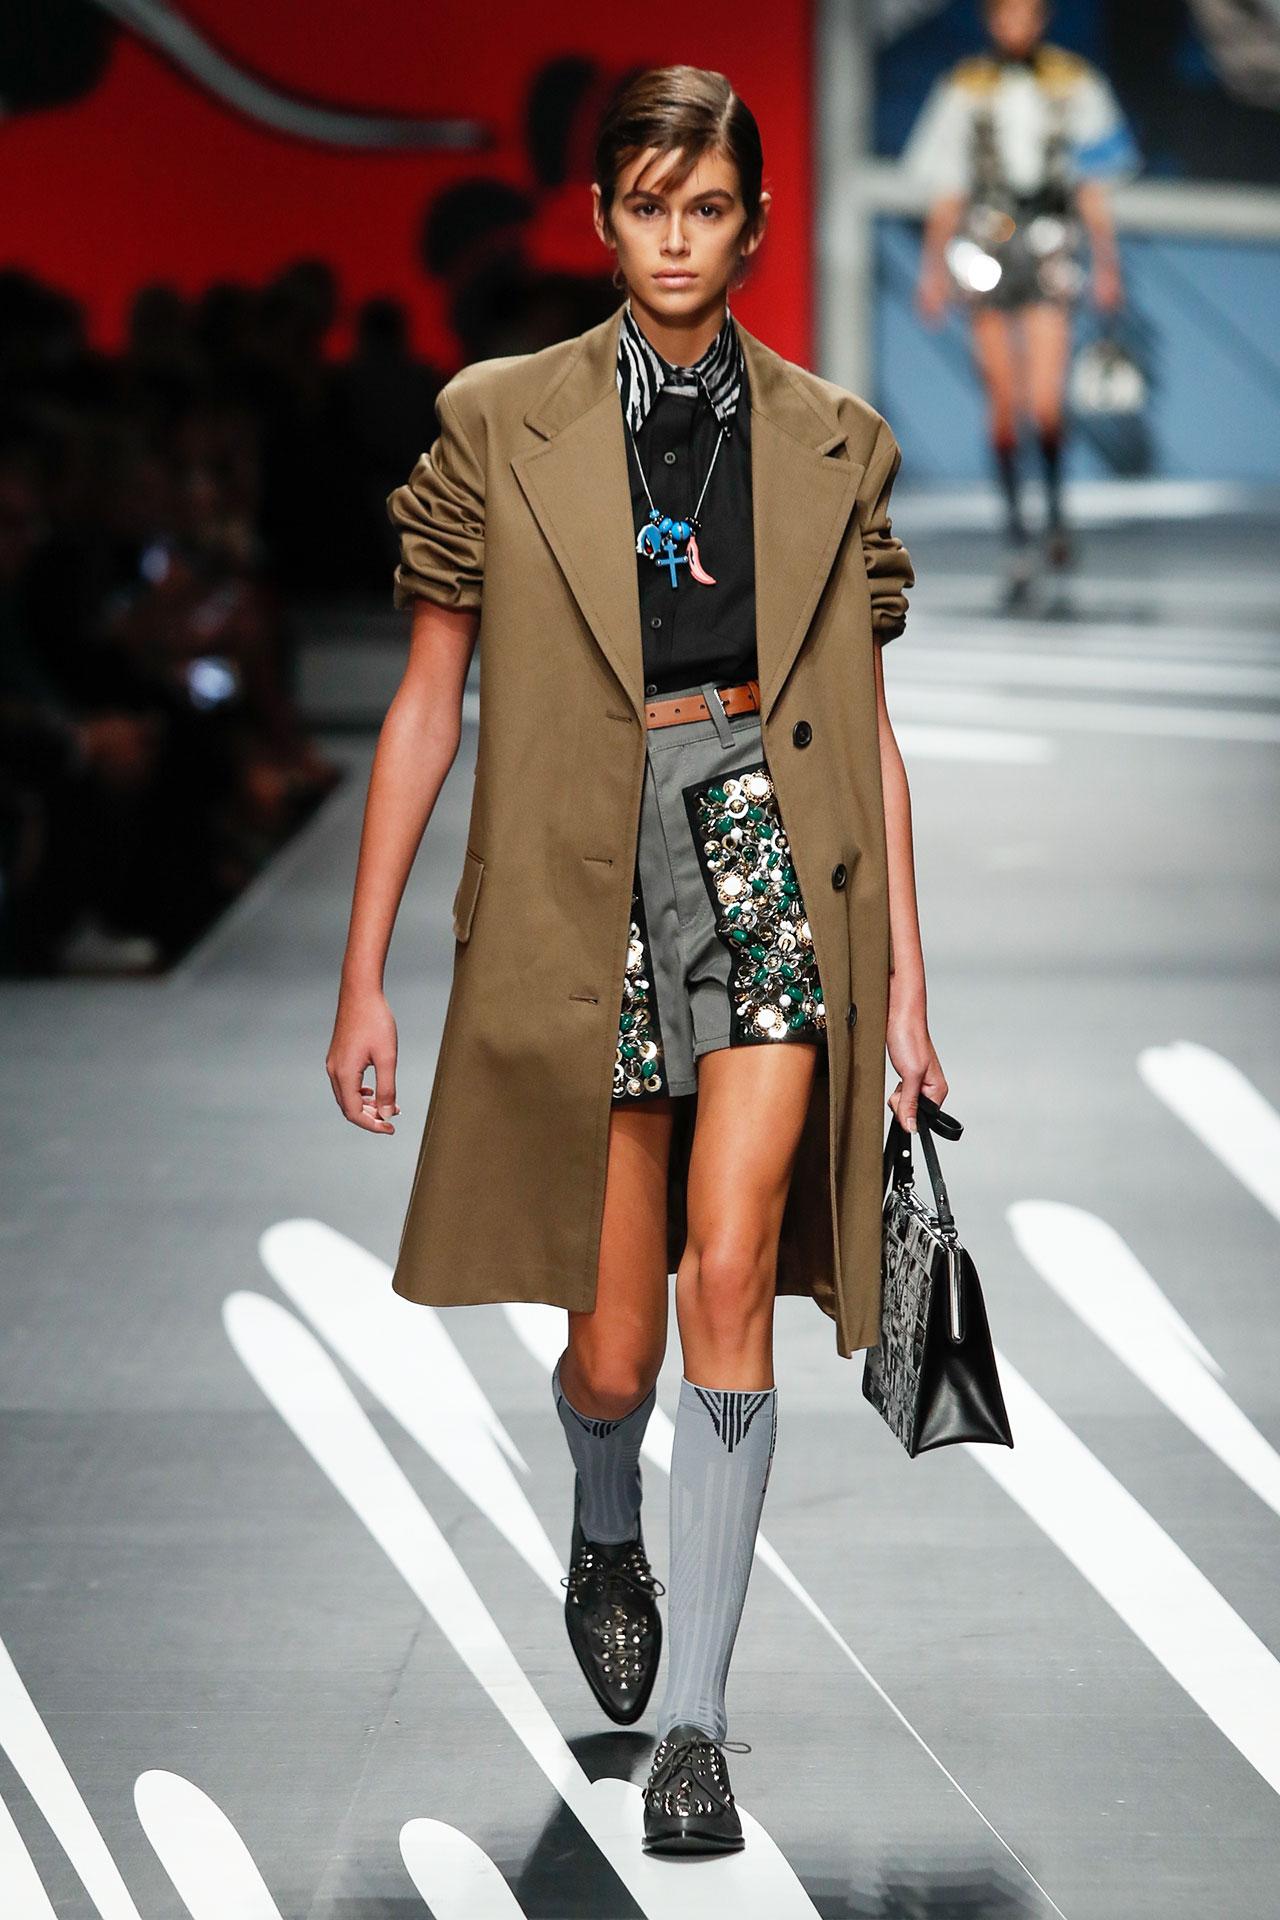 """Xuất hiện tại Prada - show diễn """"đắt giá"""" nhất tại tuần lễ thời trang Milan; sự nghiệp của Kaia Gerber chắc chắn sẽ còn tiếp tục tiến rất xa nữa."""